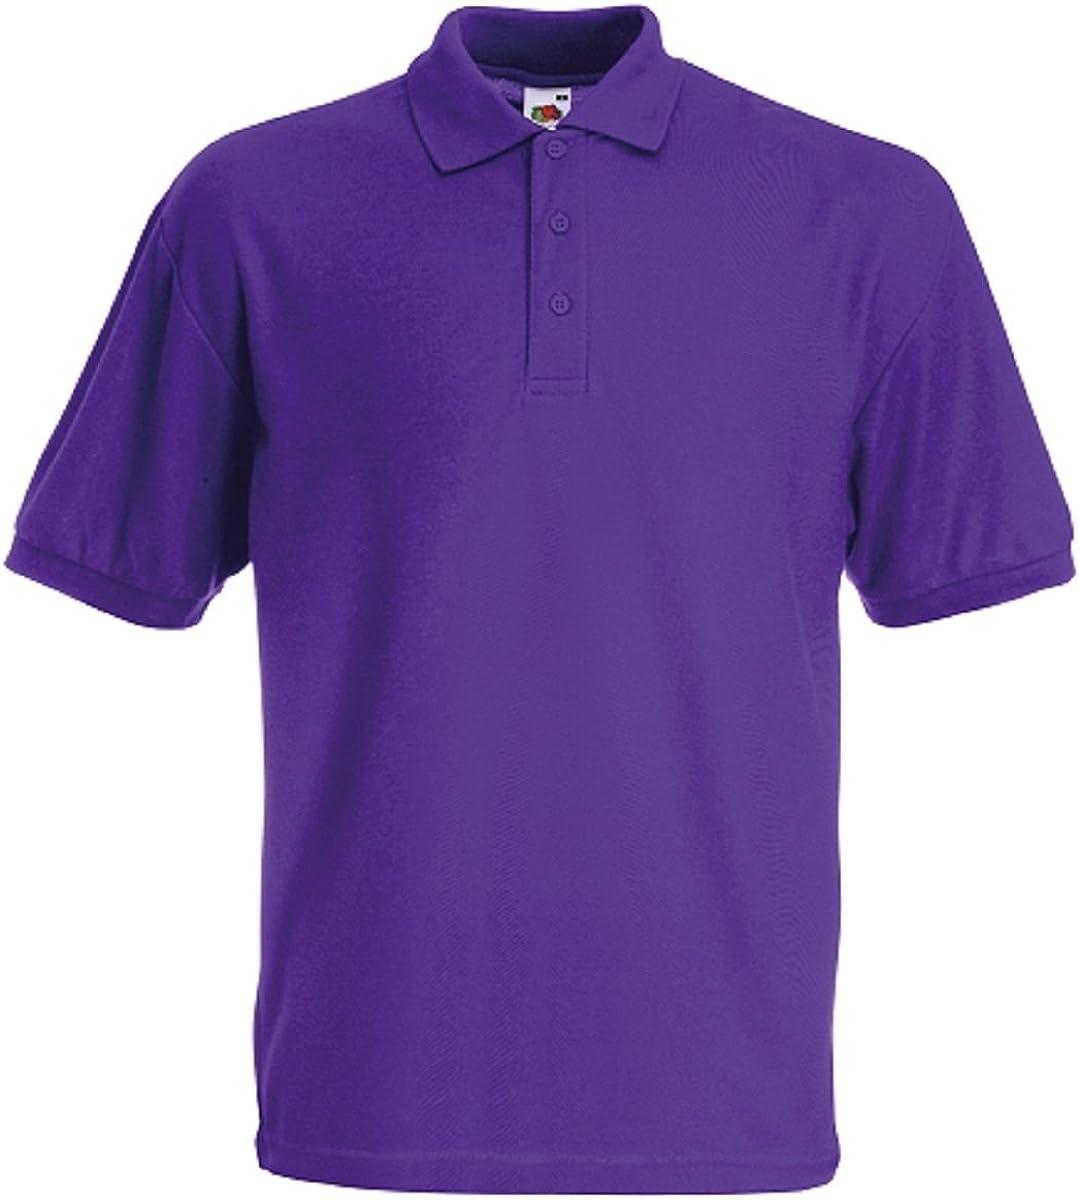 Fruit of the Loom Pique Polo - Camiseta para niño Pack de 3 violetas. 5-6 Años: Amazon.es: Ropa y accesorios